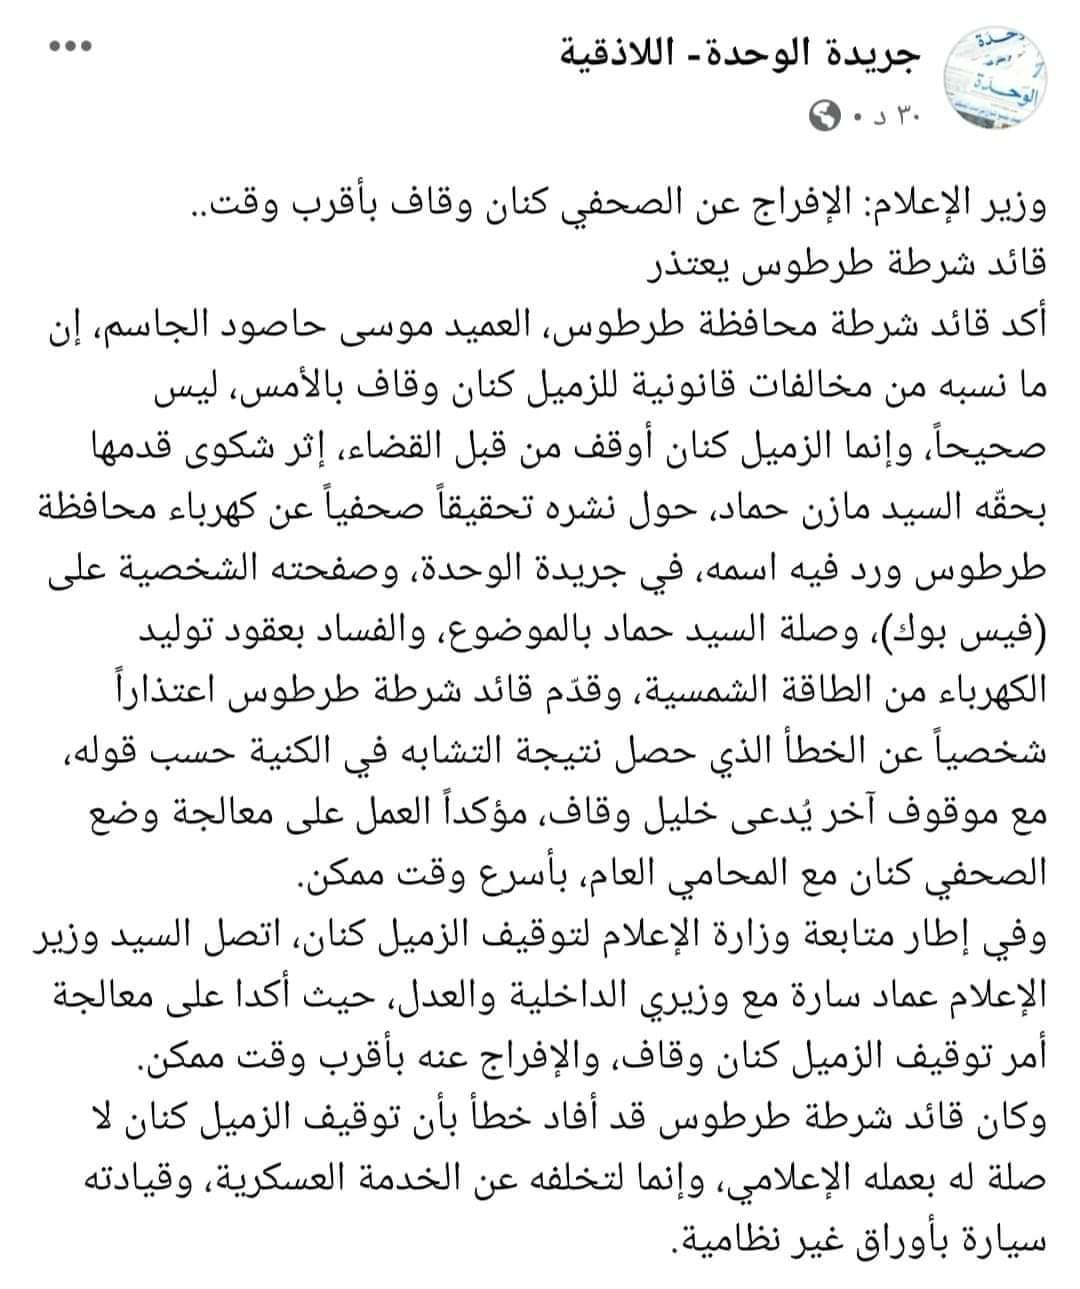 خفايا توقيف الصحفي كنان وقاف و تشويه سمعته بقصد التشهير